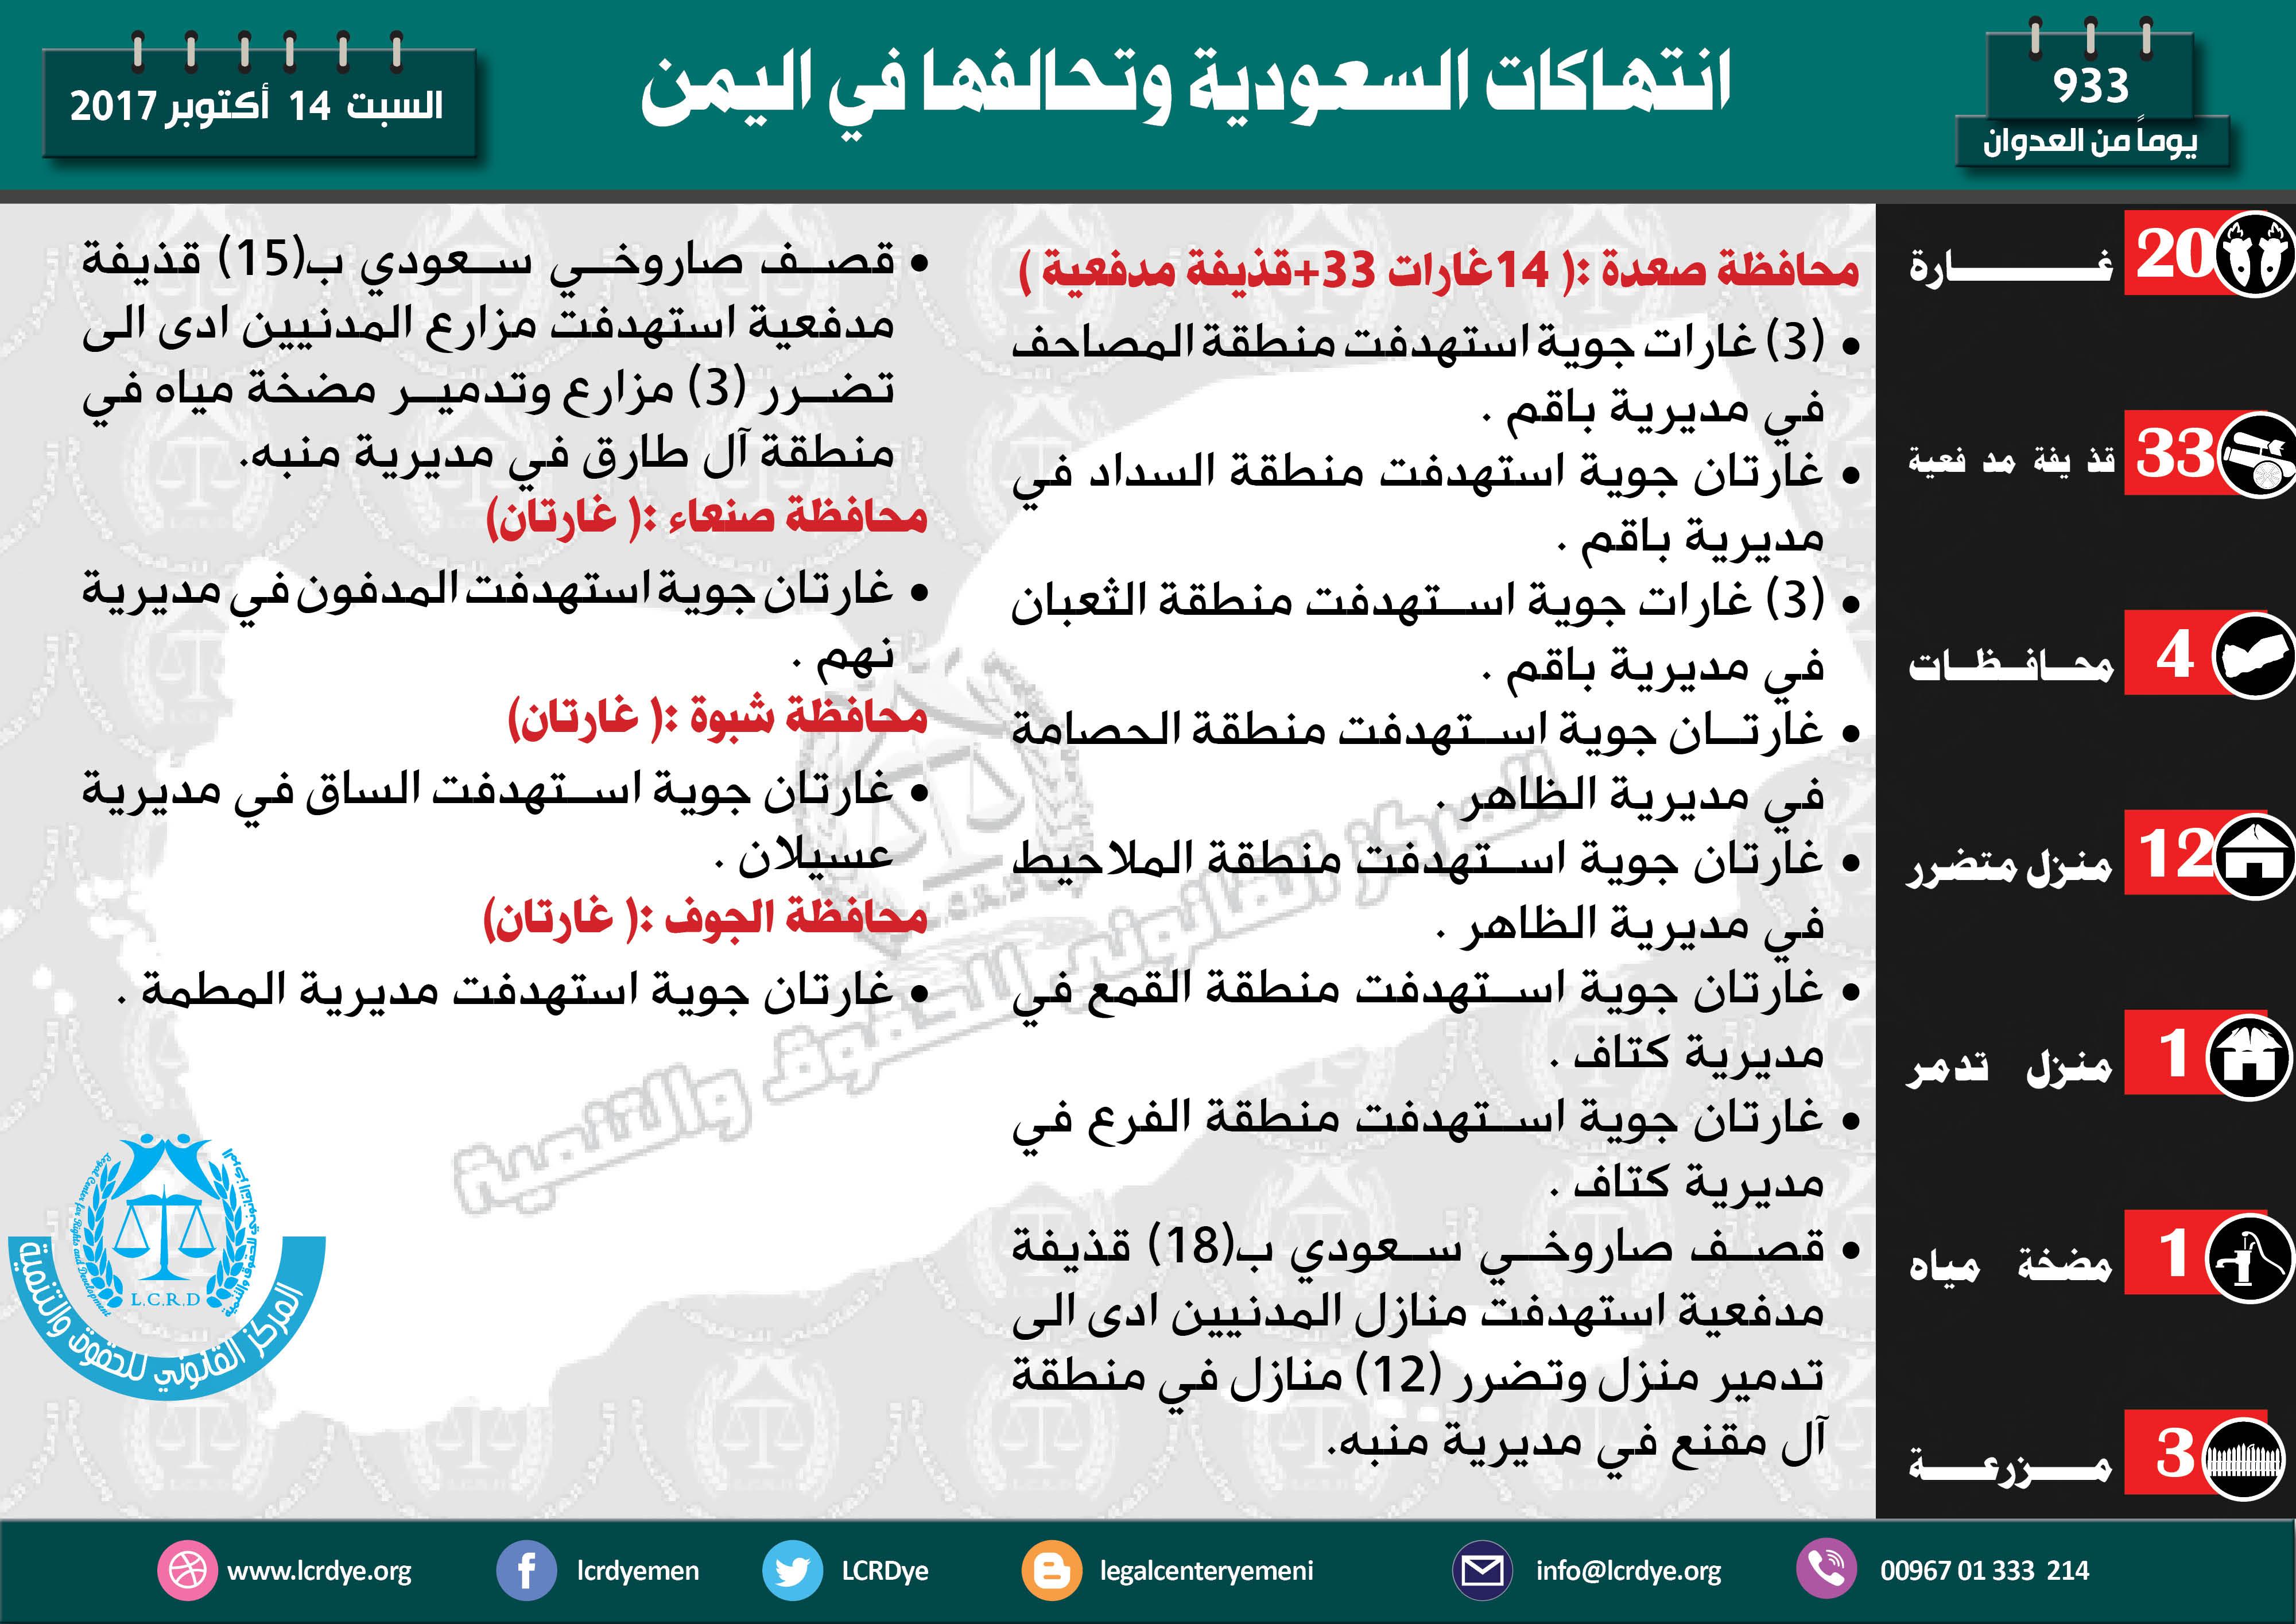 انفوجرافيك عربي14 اكتوبر